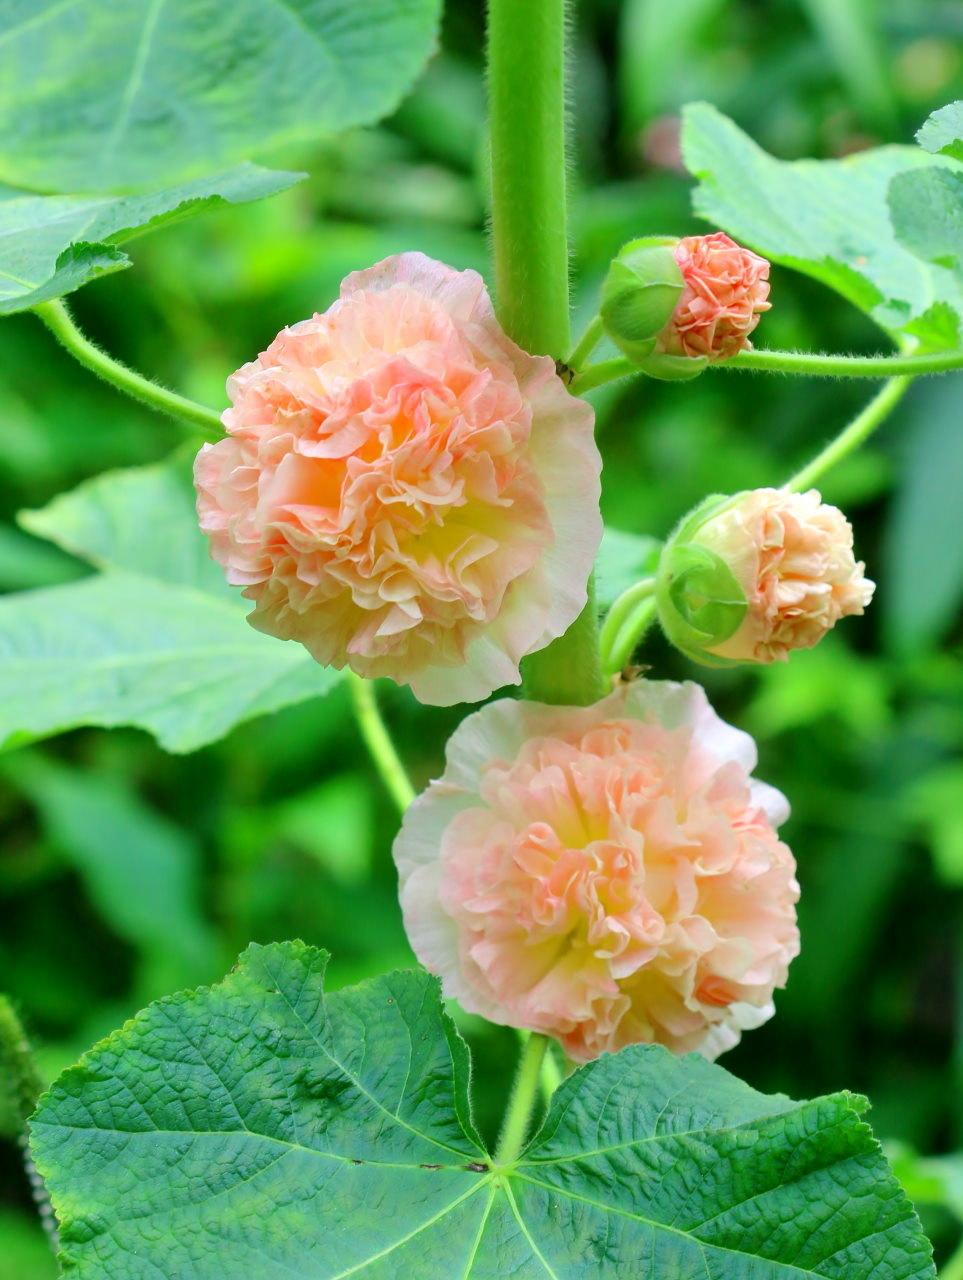 梅雨さ中 またまたレイクガーデンで花や虫_c0305565_18014021.jpg